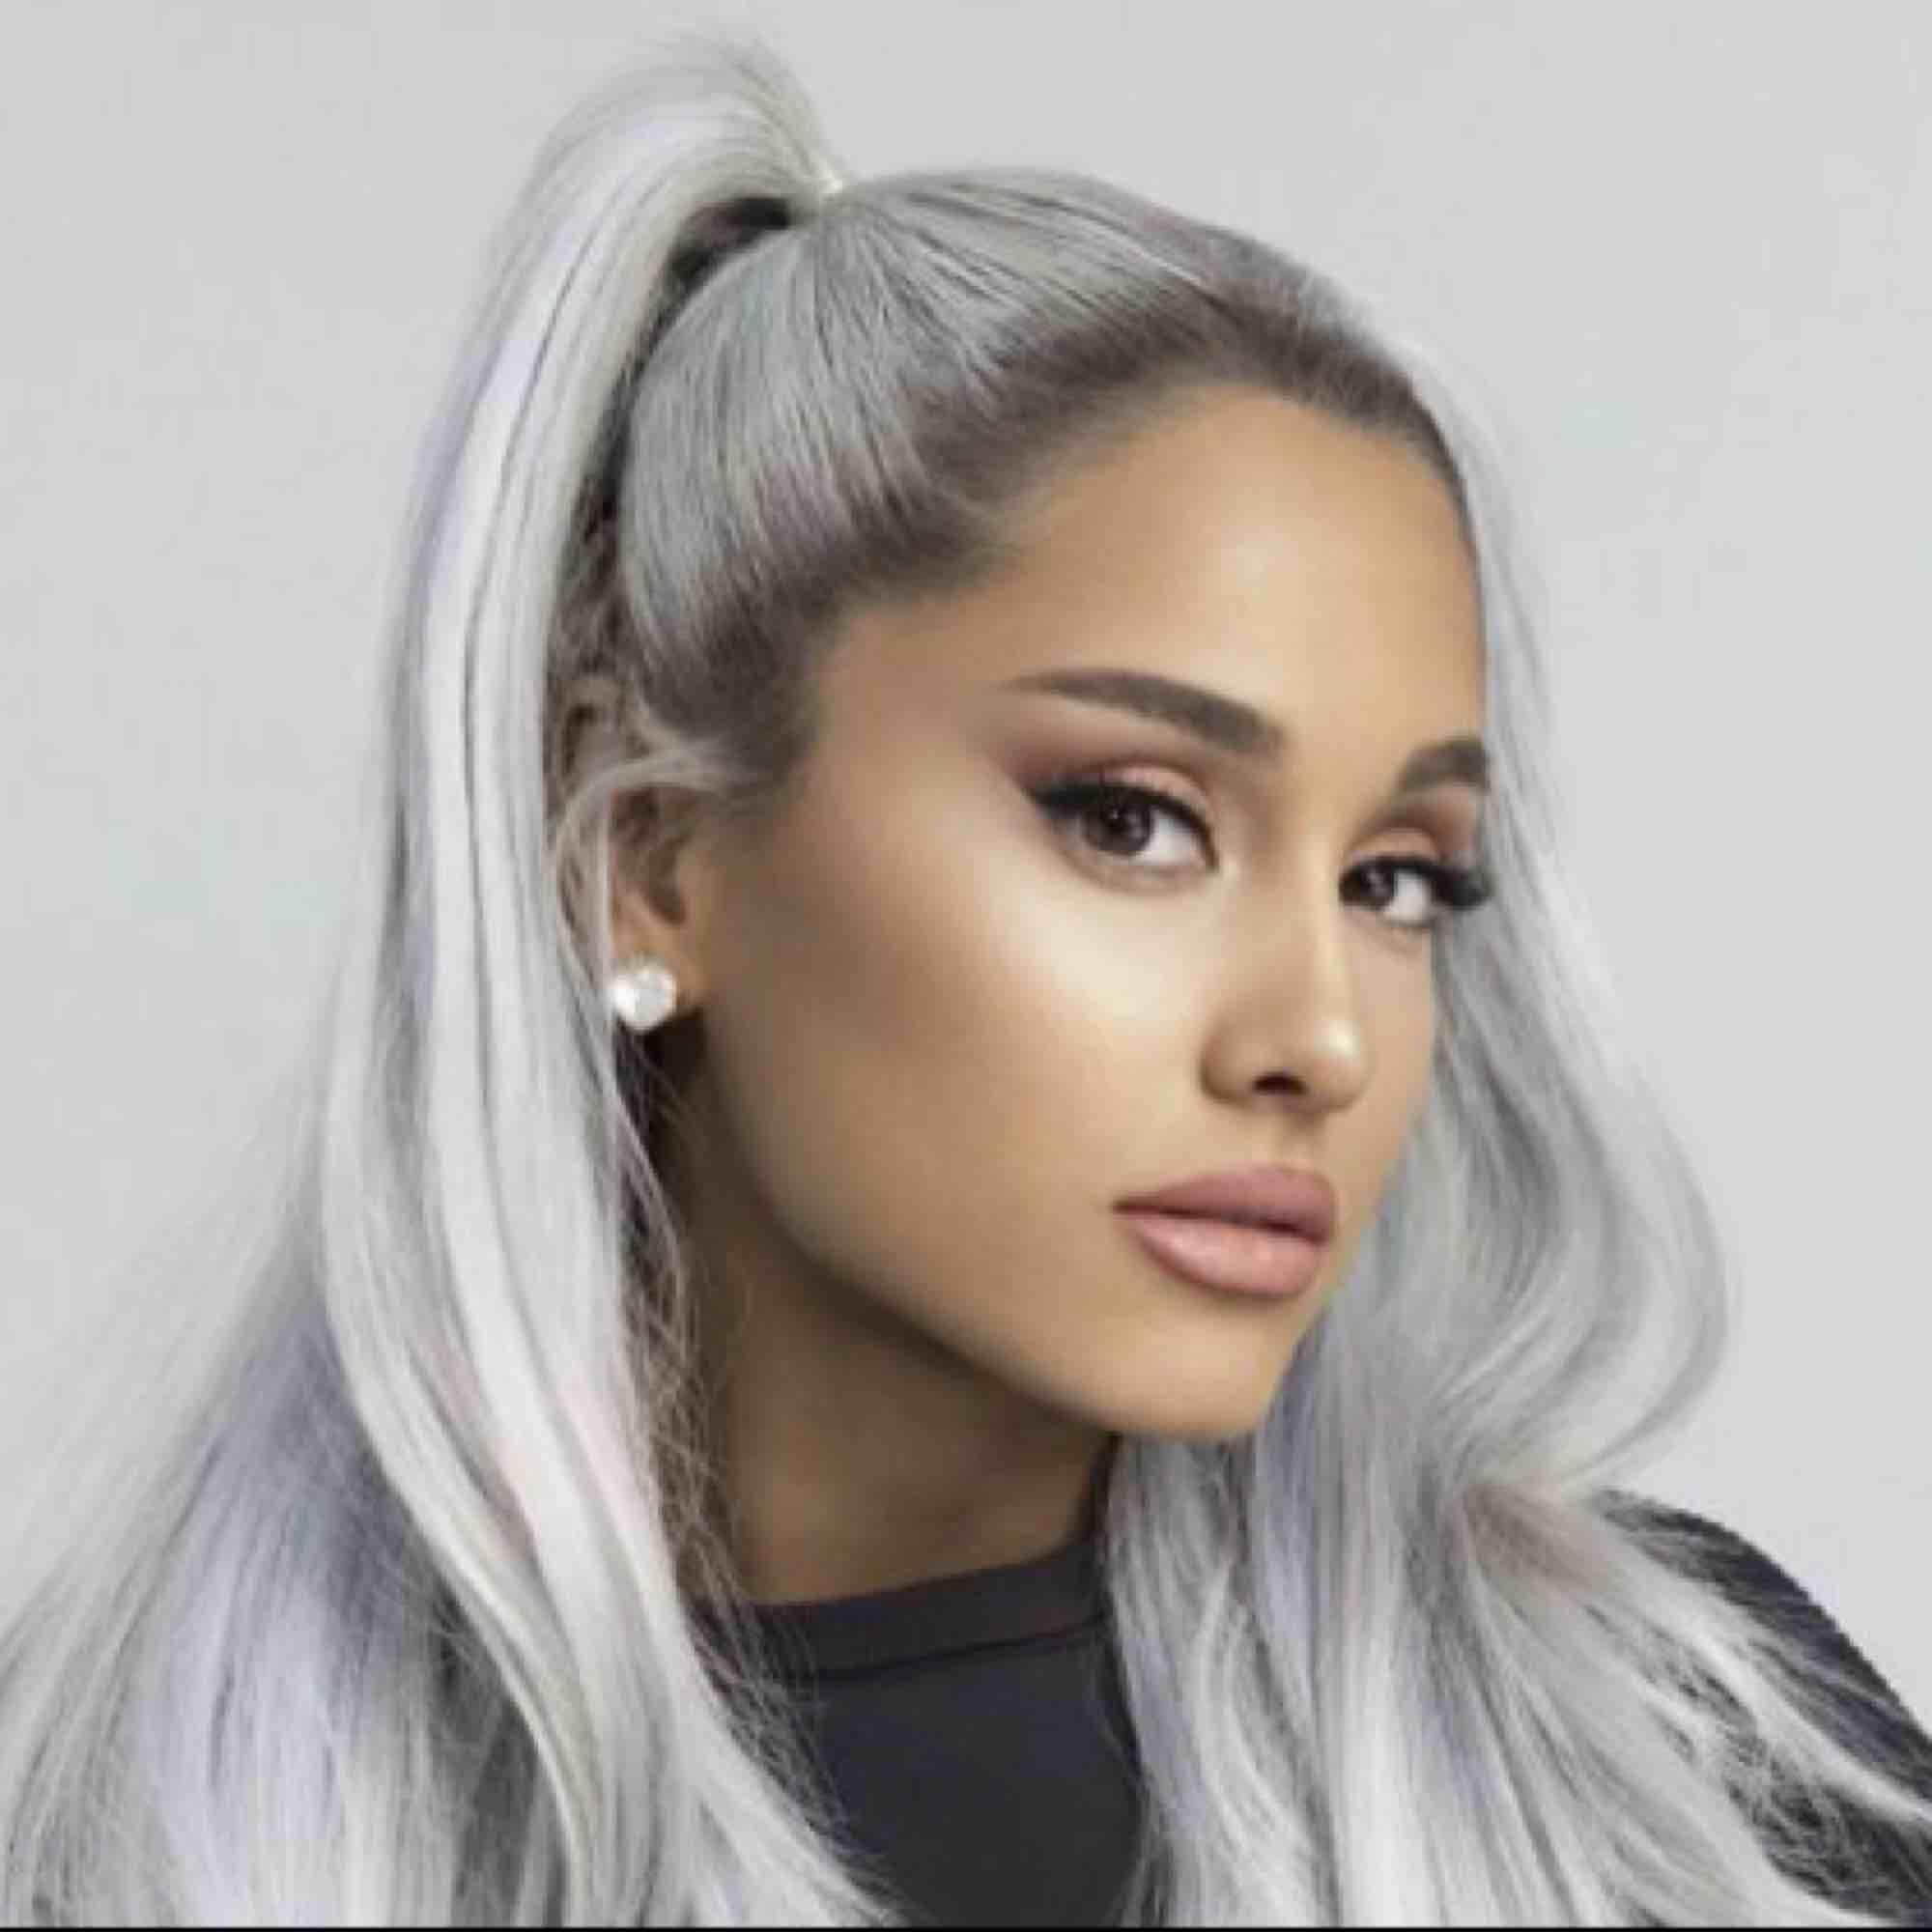 En biljett till Ariana Grande konsert i Ericson Globe i Stockholm. Måndagen den 7 oktober. Pris kan diskuteras.. Övrigt.